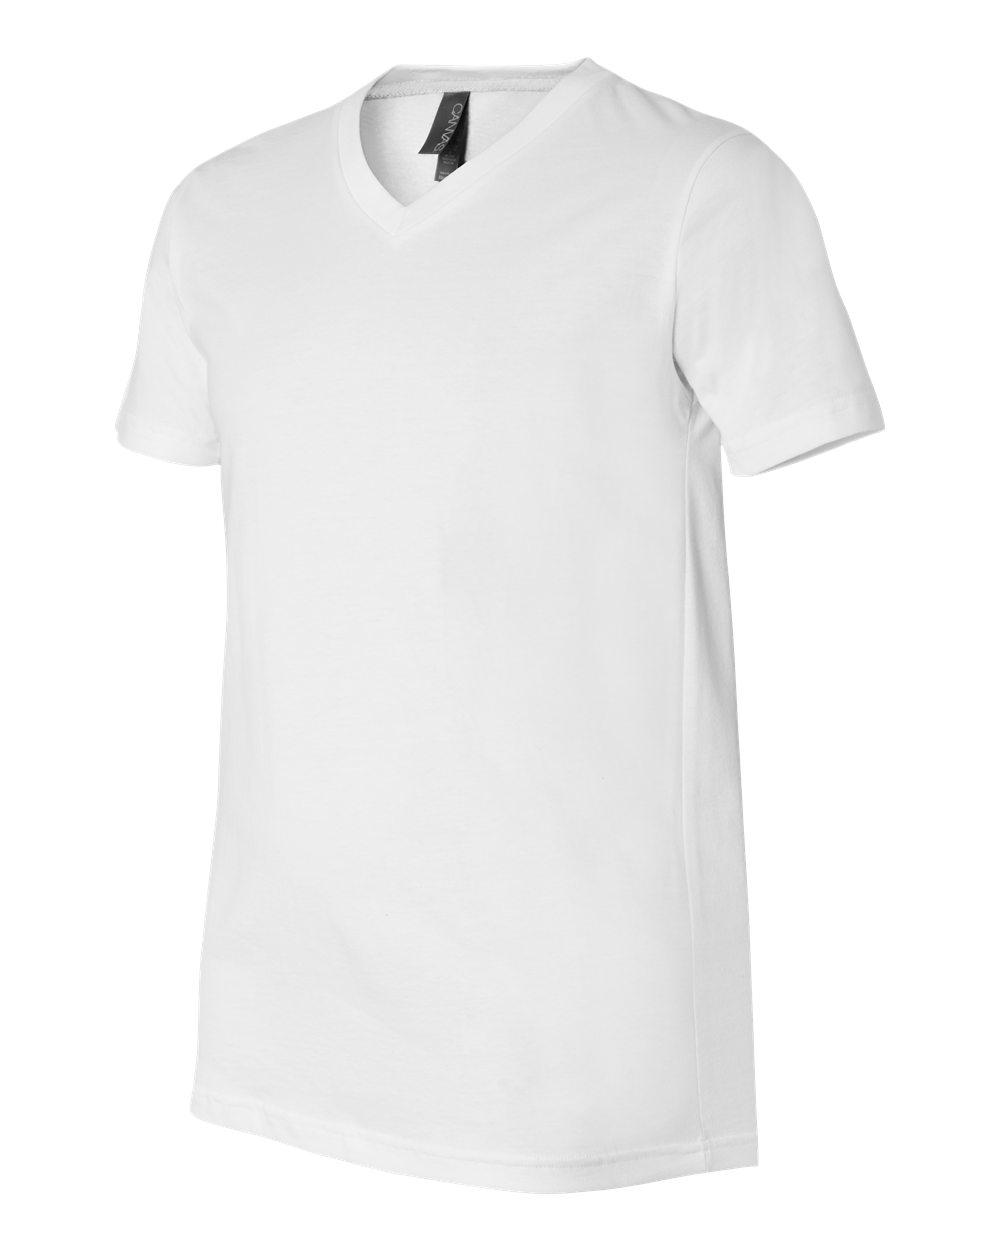 Bella-Canvas-Men-039-s-Jersey-Short-Sleeve-V-Neck-T-Shirt-3005-XS-3XL thumbnail 106